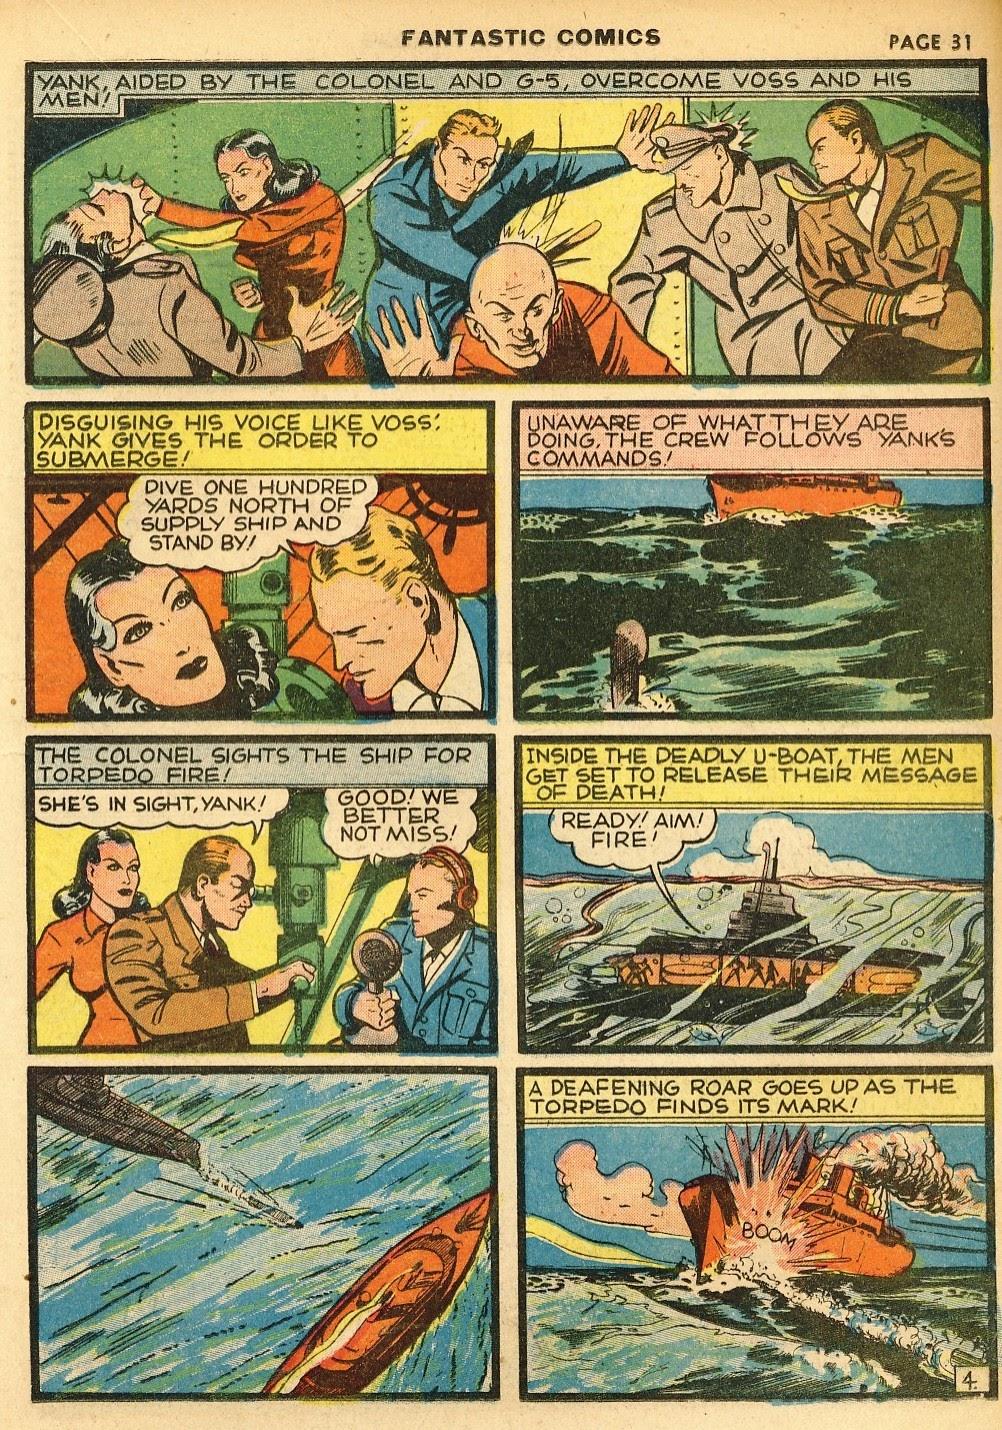 Read online Fantastic Comics comic -  Issue #10 - 32